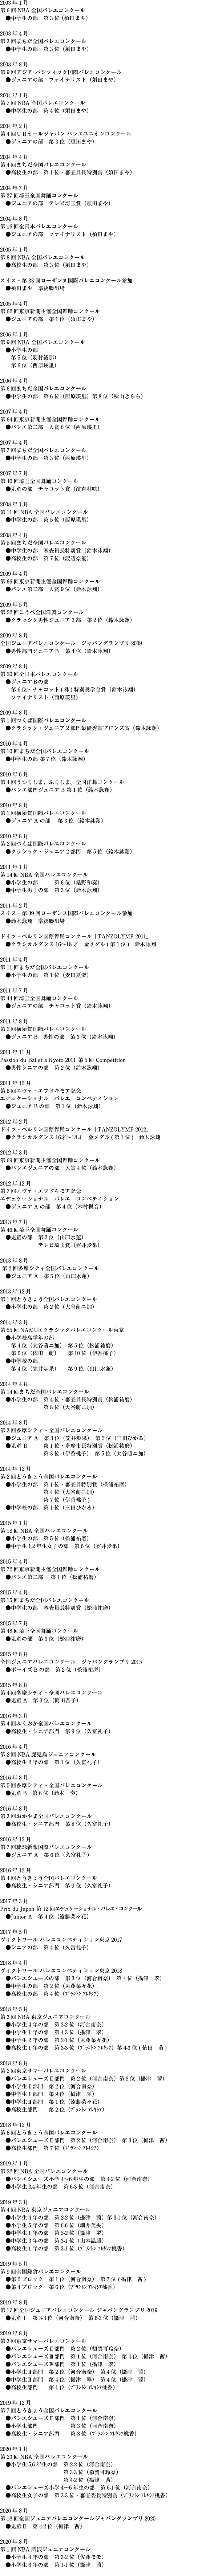 コンクール成績_01.png